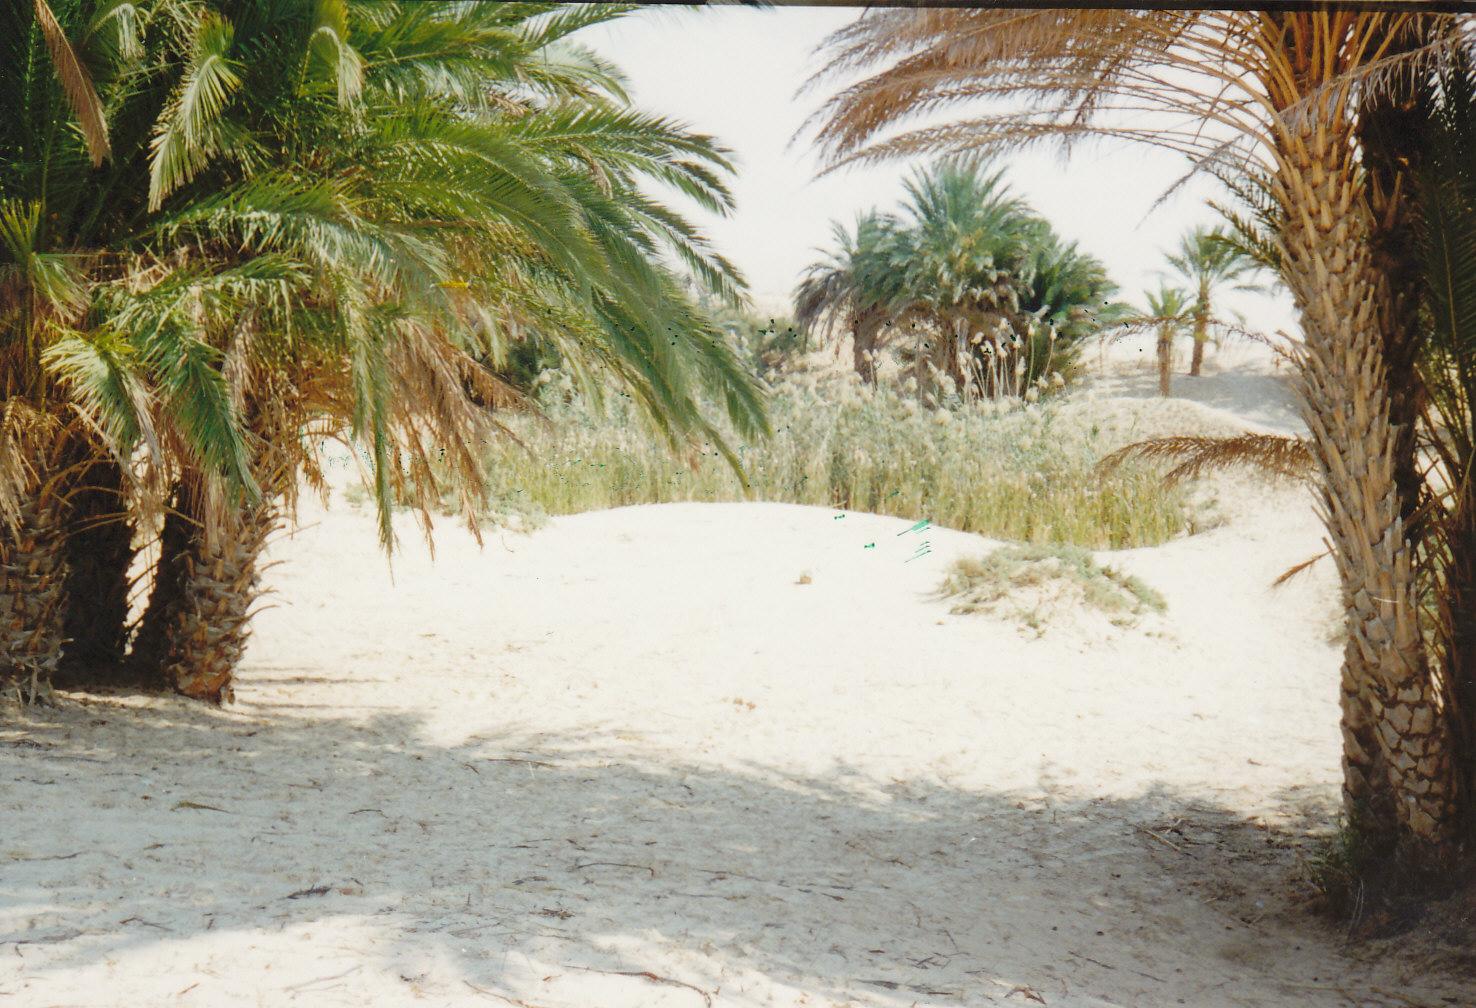 Pješčana, pustinjska Oaza